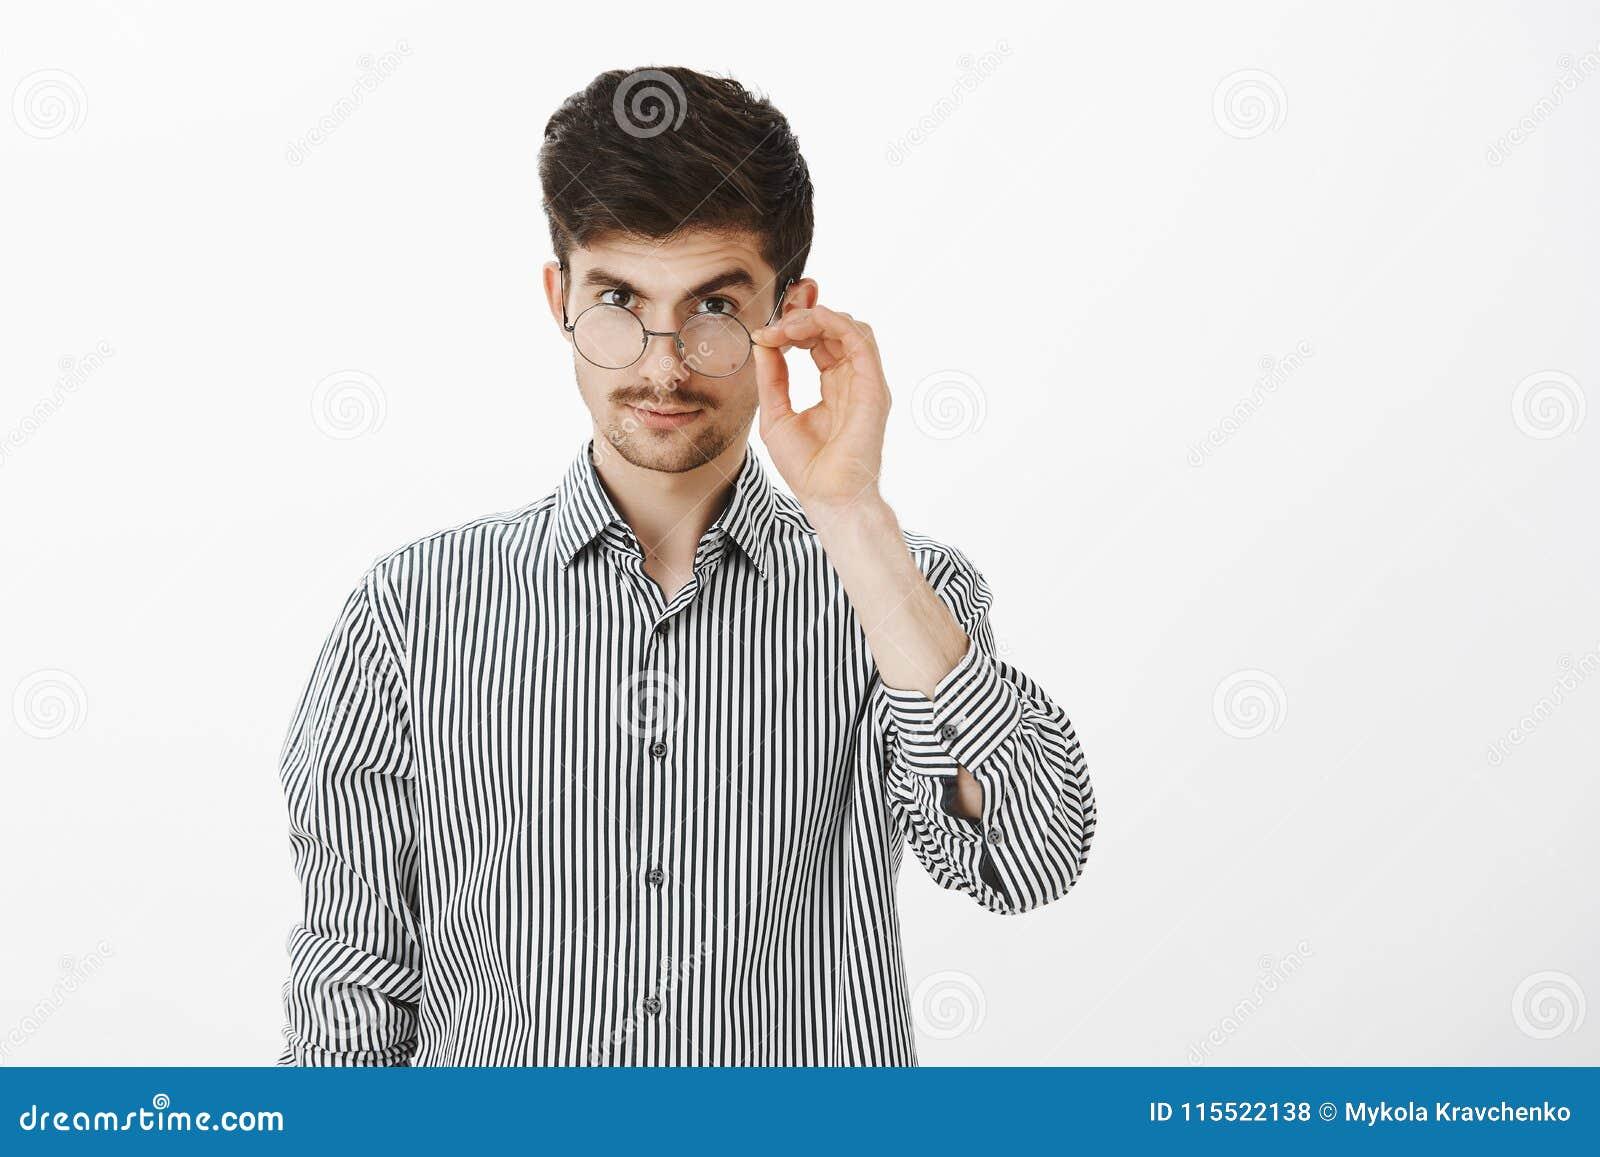 Me intrigan Compañero de trabajo masculino caucásico joven confiado hermoso, mirando de debajo la frente con la ceja levantada